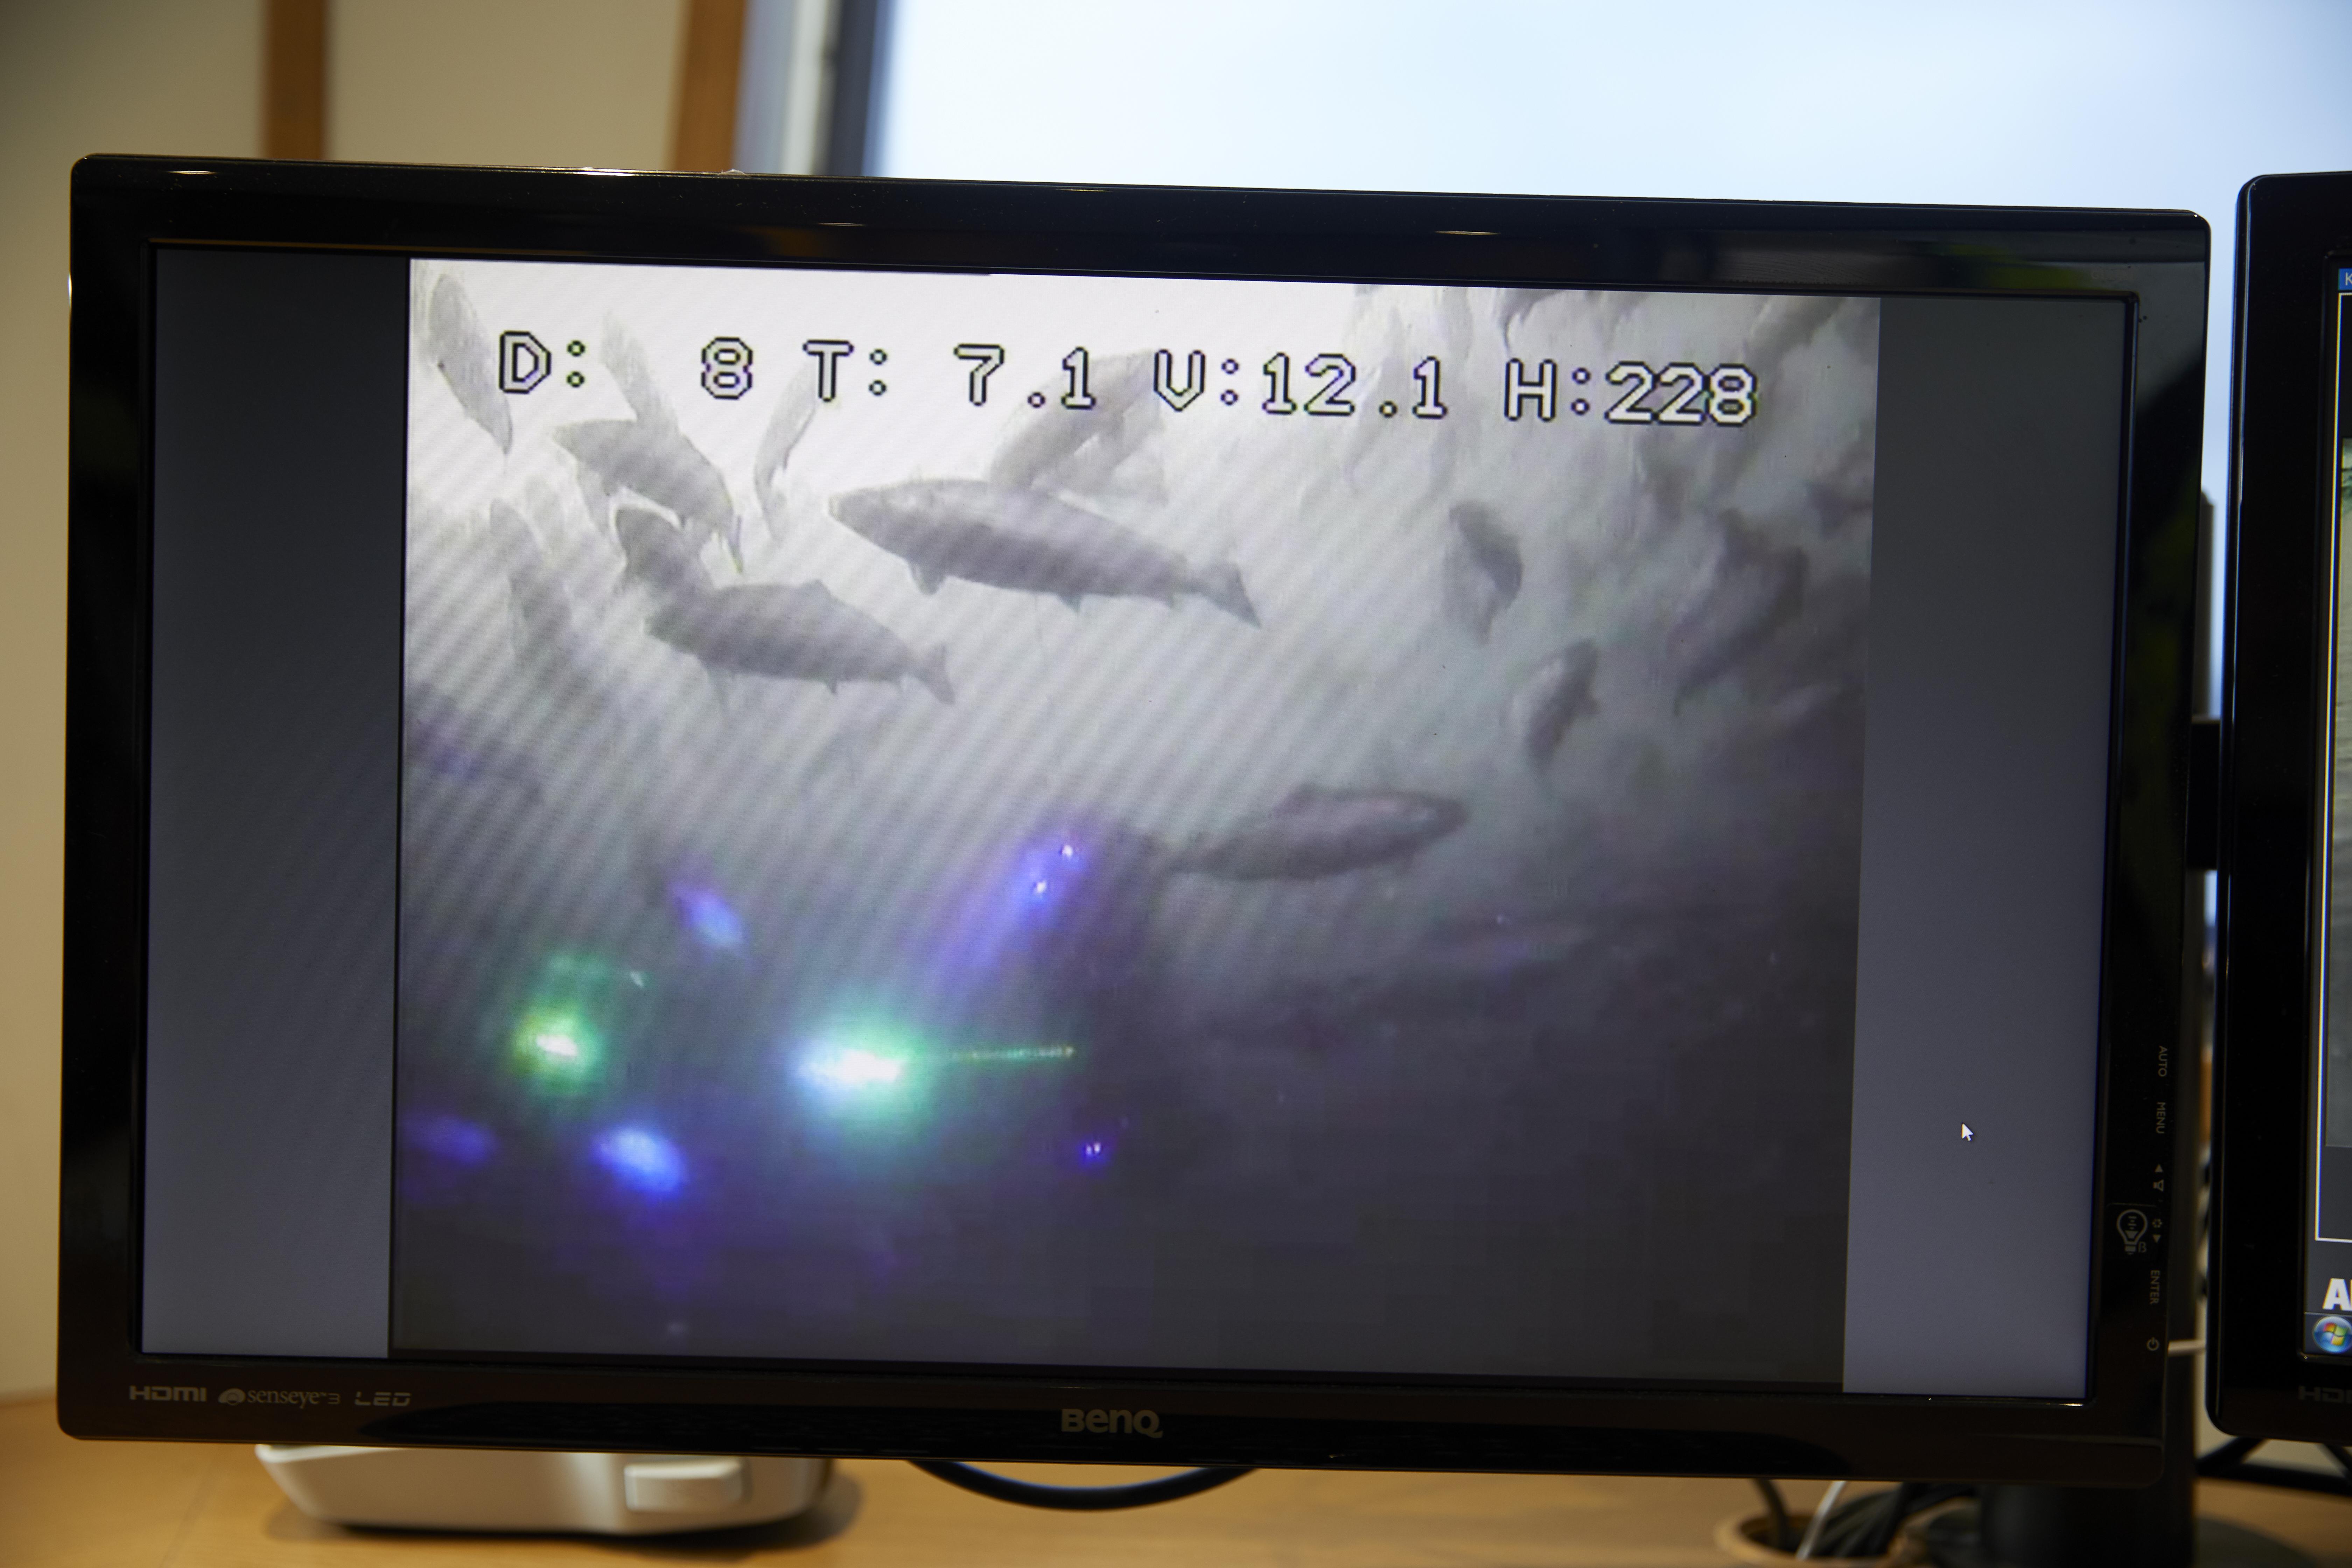 Imágenes de los disparos de rayos láser